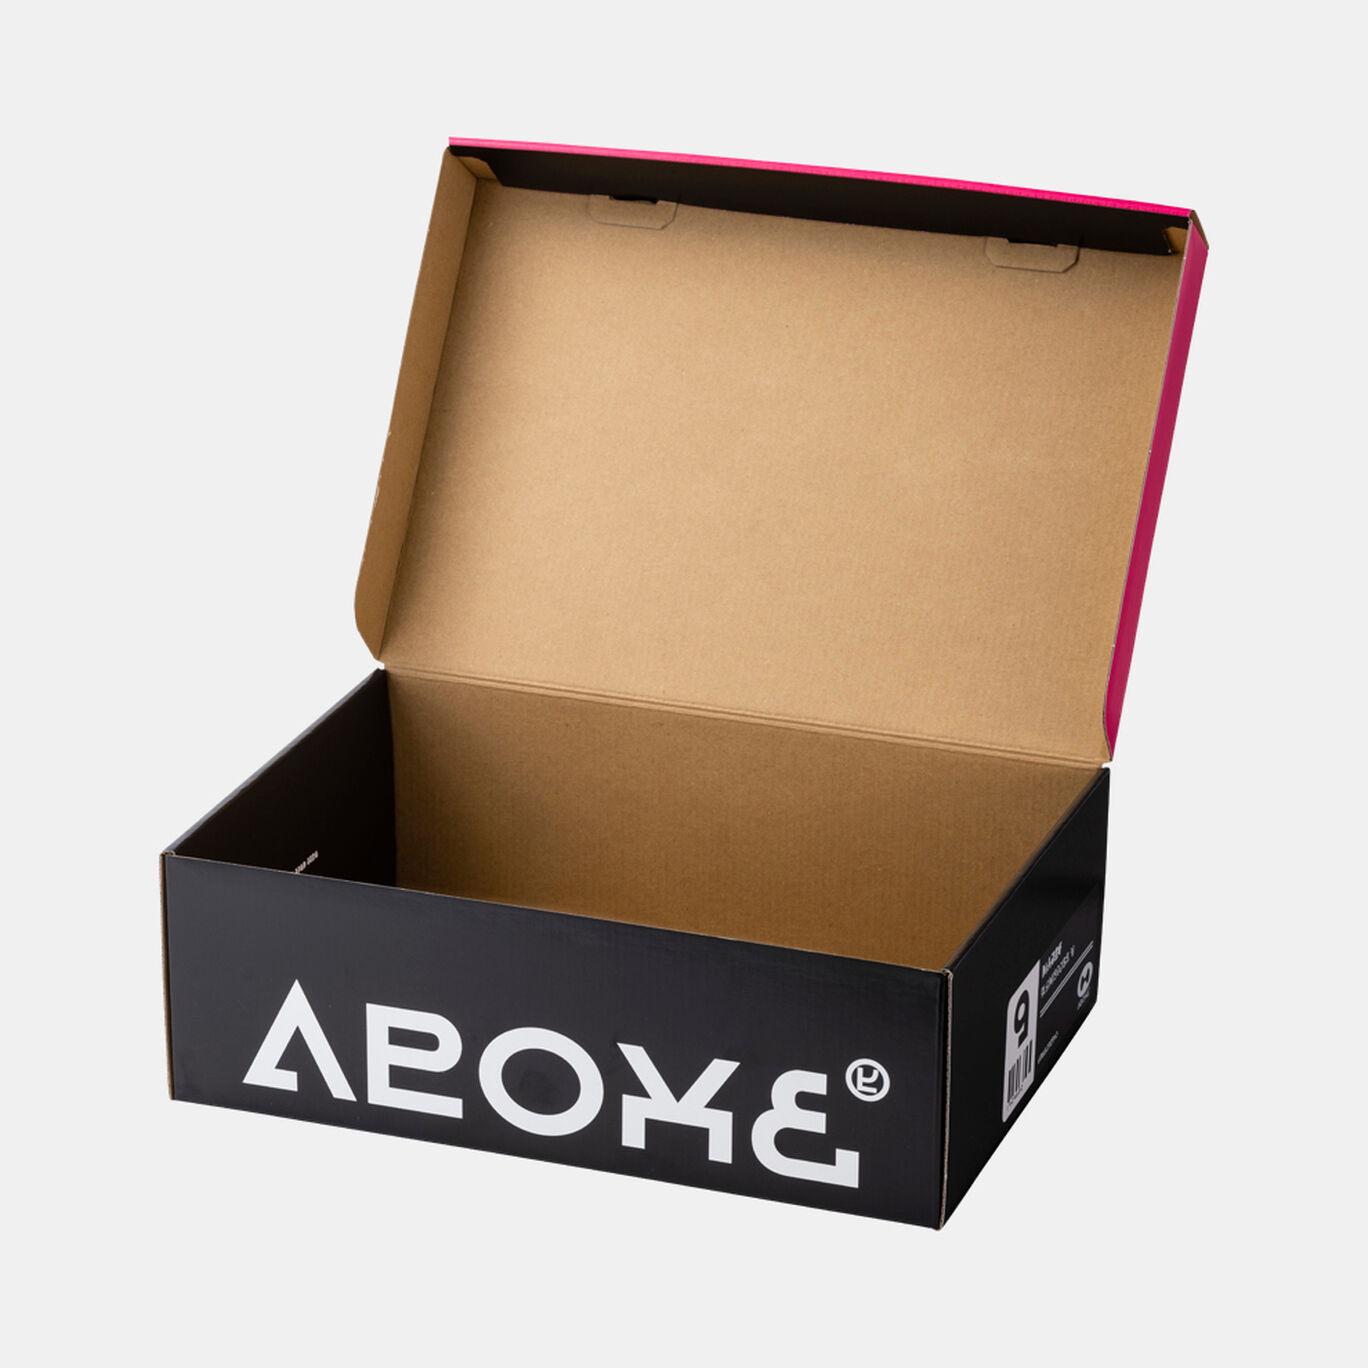 シューズボックス風収納BOX CROSSING SPLATOON C【Nintendo TOKYO取り扱い商品】